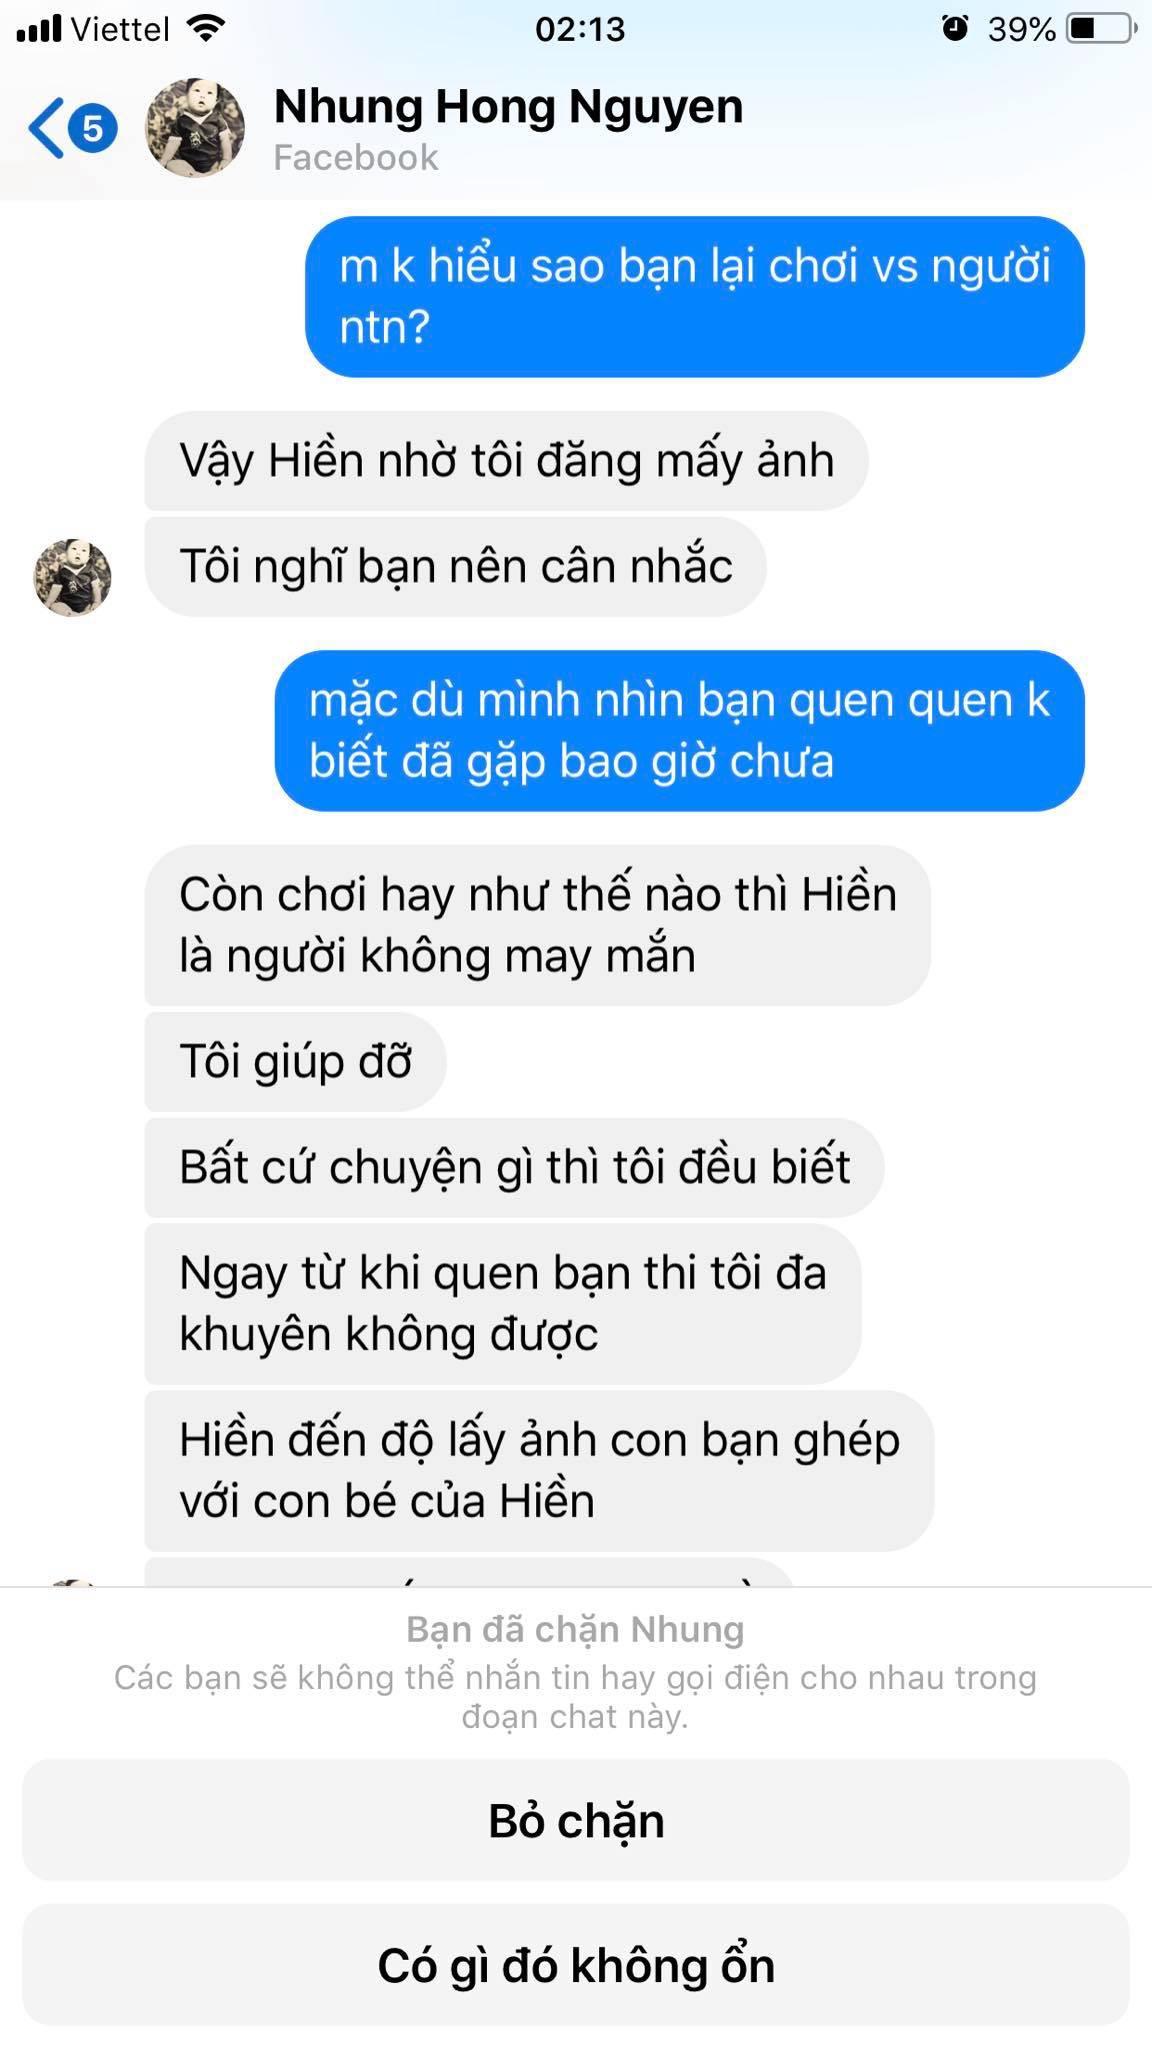 Nguyễn Hồng Nhung - bà xã Xuân Bắc bất ngờ bị tố đã bôi nhọ, sỉ nhục người khác, nếu không dừng lại sẽ khởi kiện-5